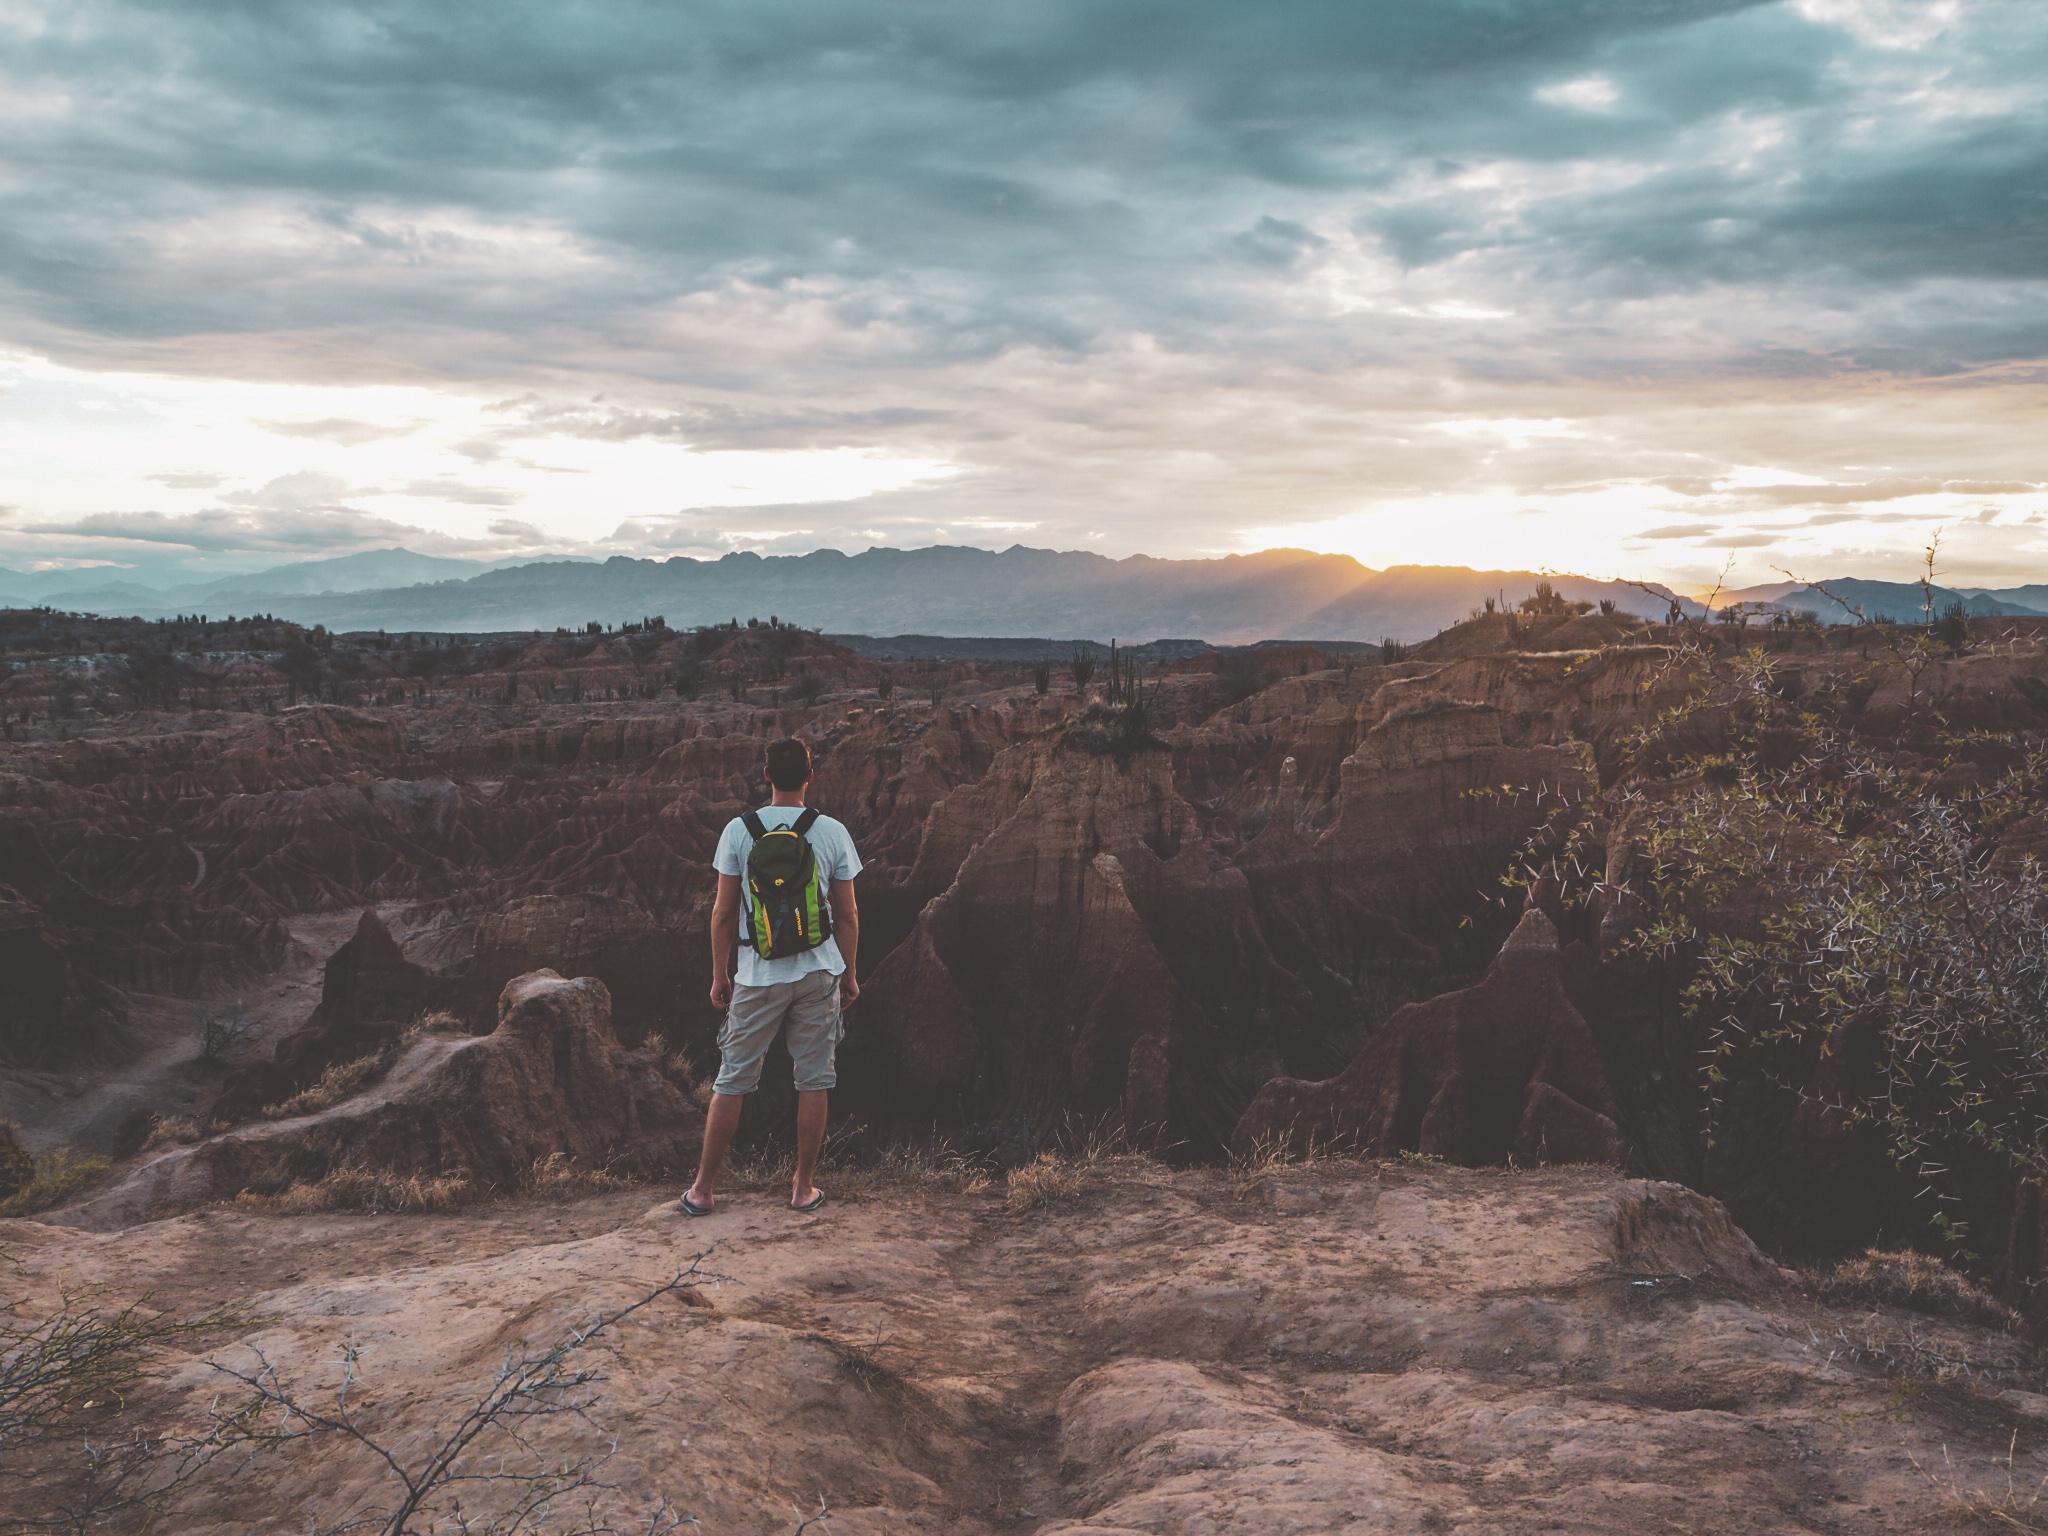 Desierto de la Tatacoa - Die Einfachheit der Wüste 4